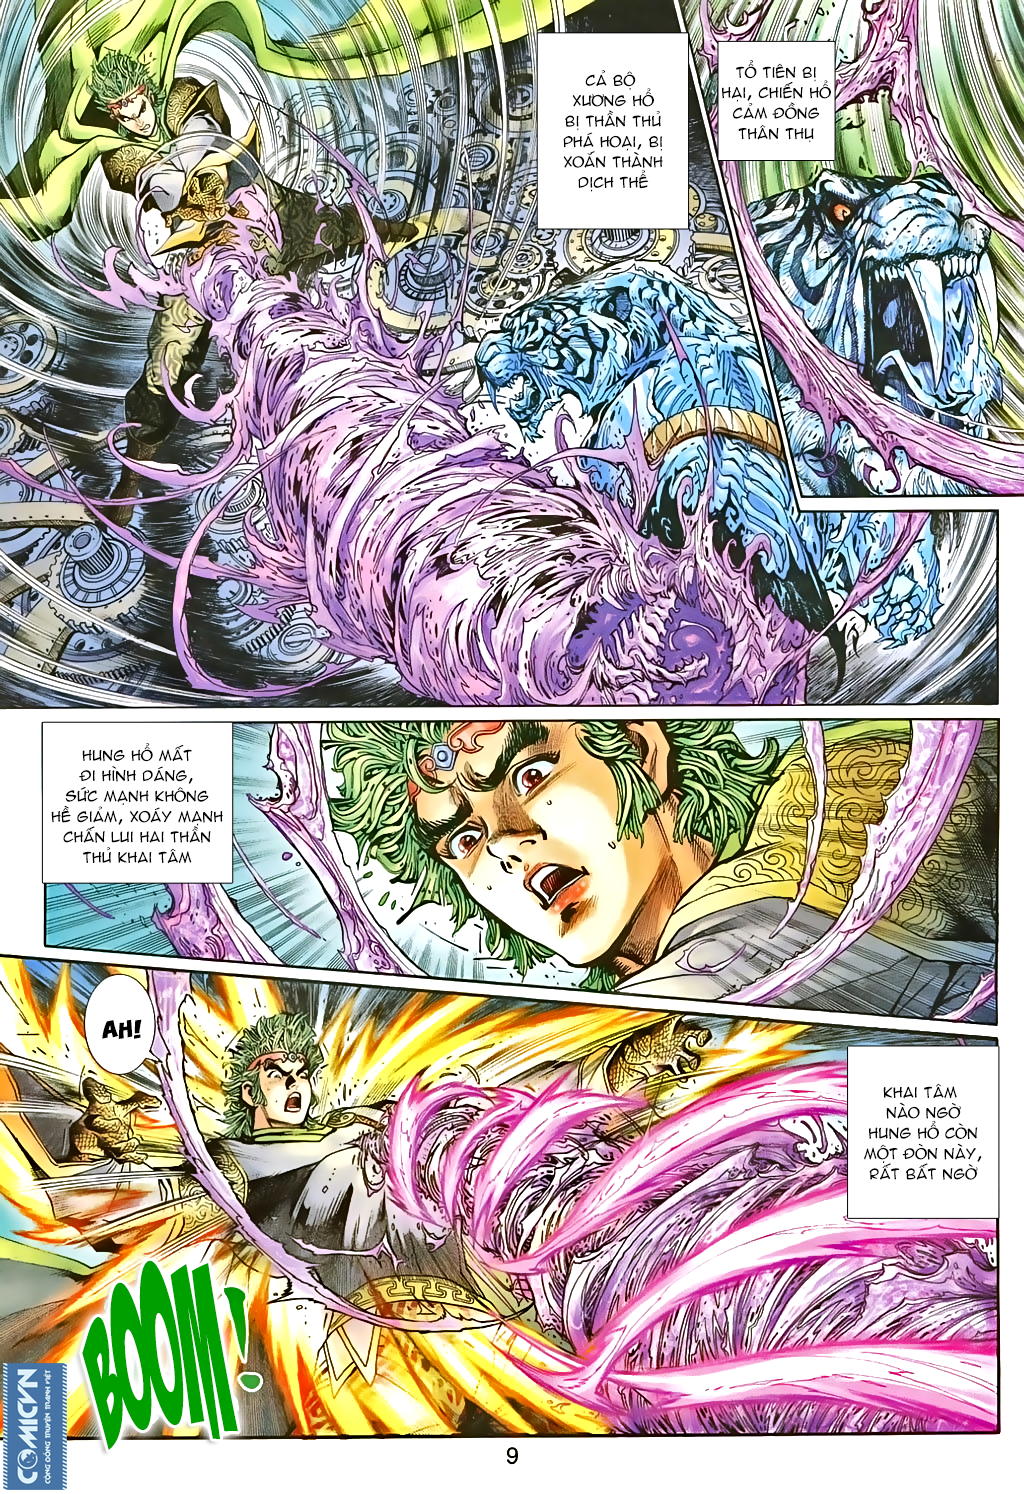 Thần binh huyền kỳ 3 - 3.5 tập 81 - 8